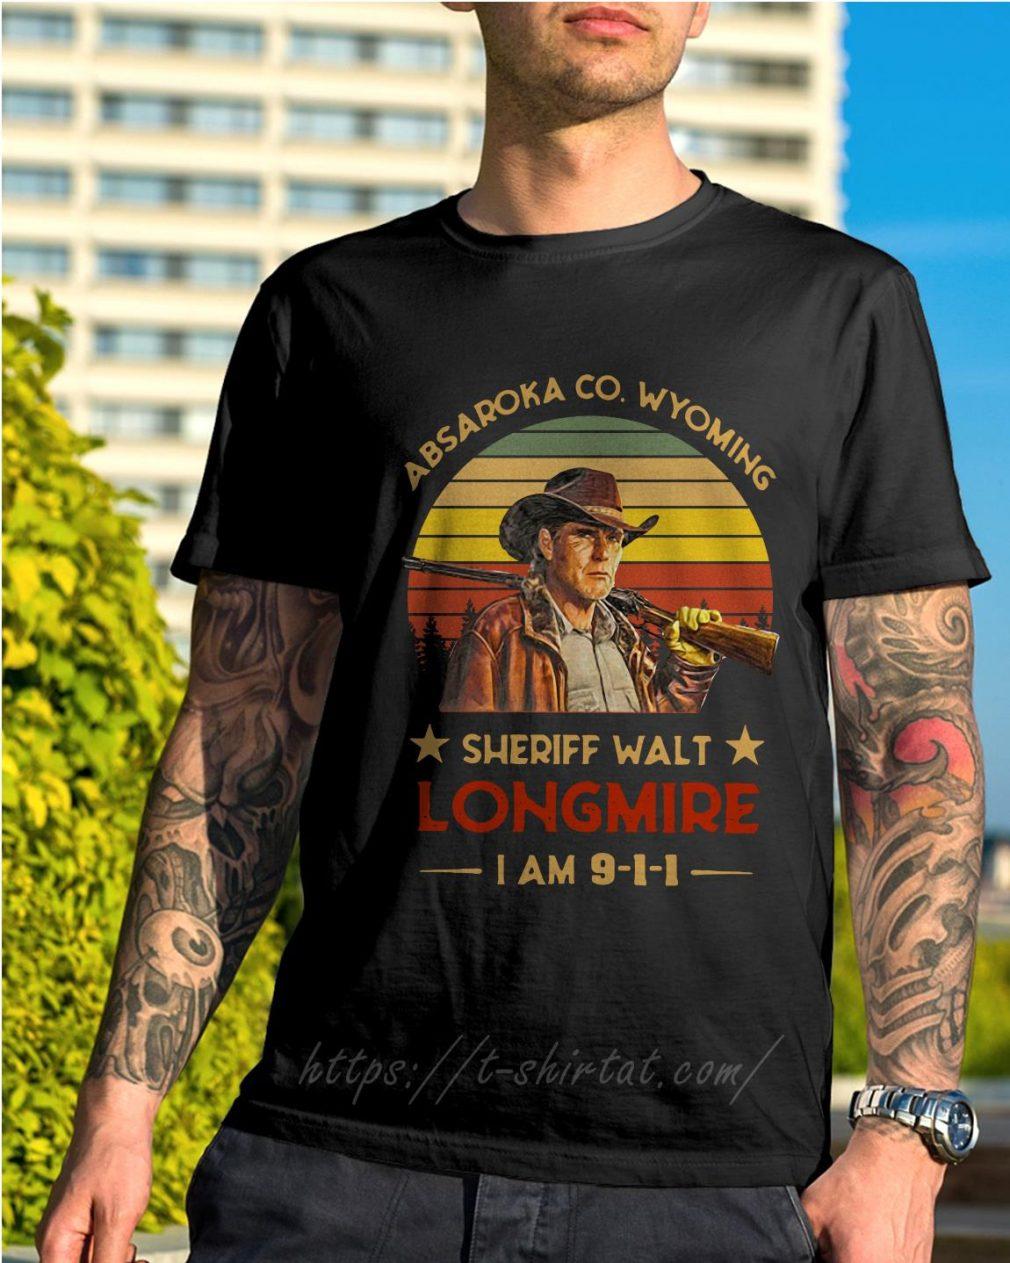 Absaroka Co Wyoming sheriff Walt Longmire I am 9-1-1 shirt